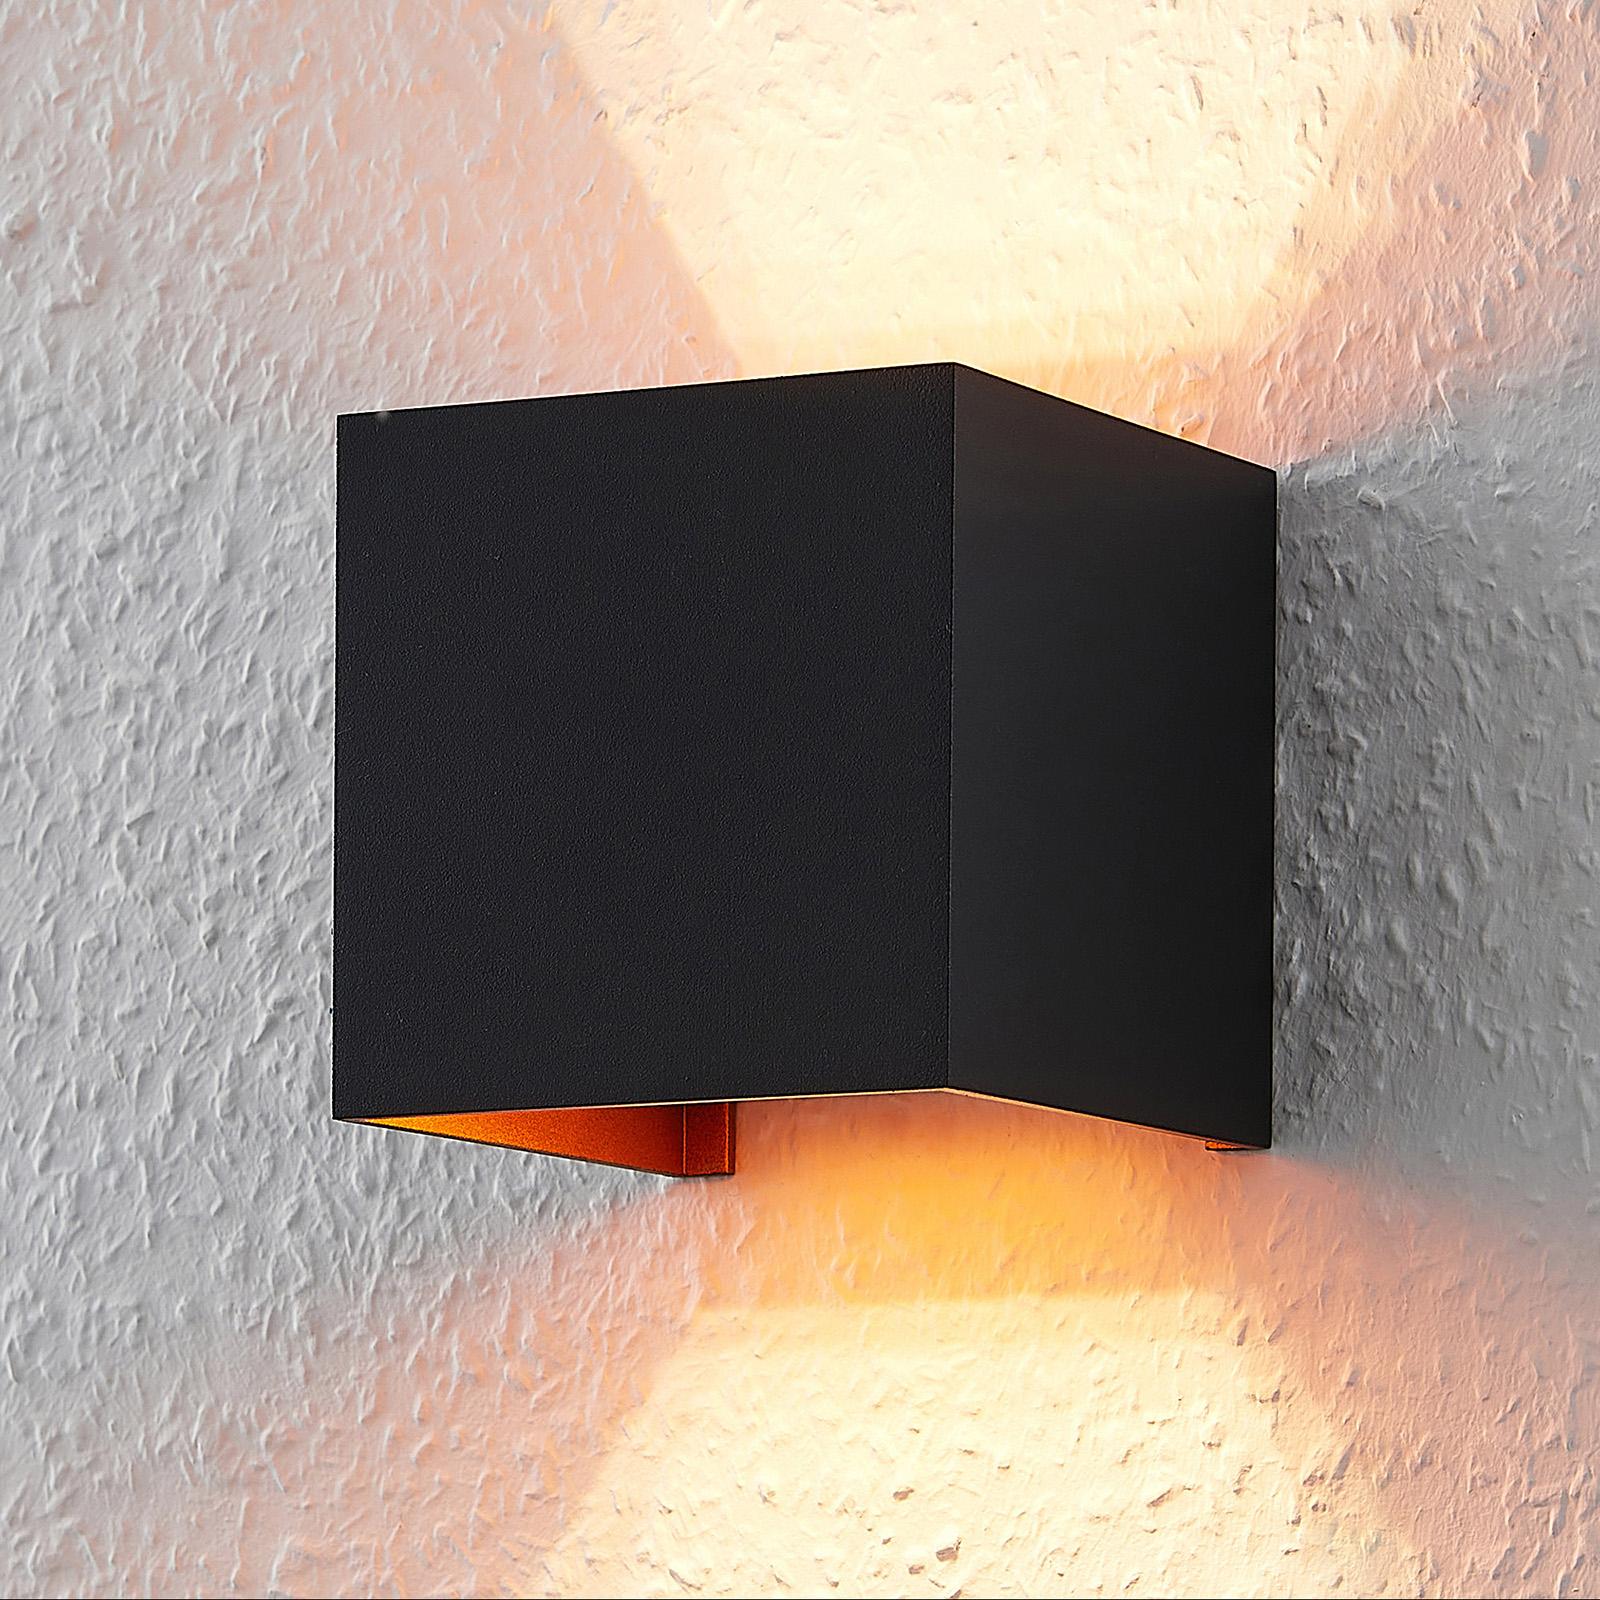 Eckige LED Wandlampe m. G9 Lampe, schwarz golden